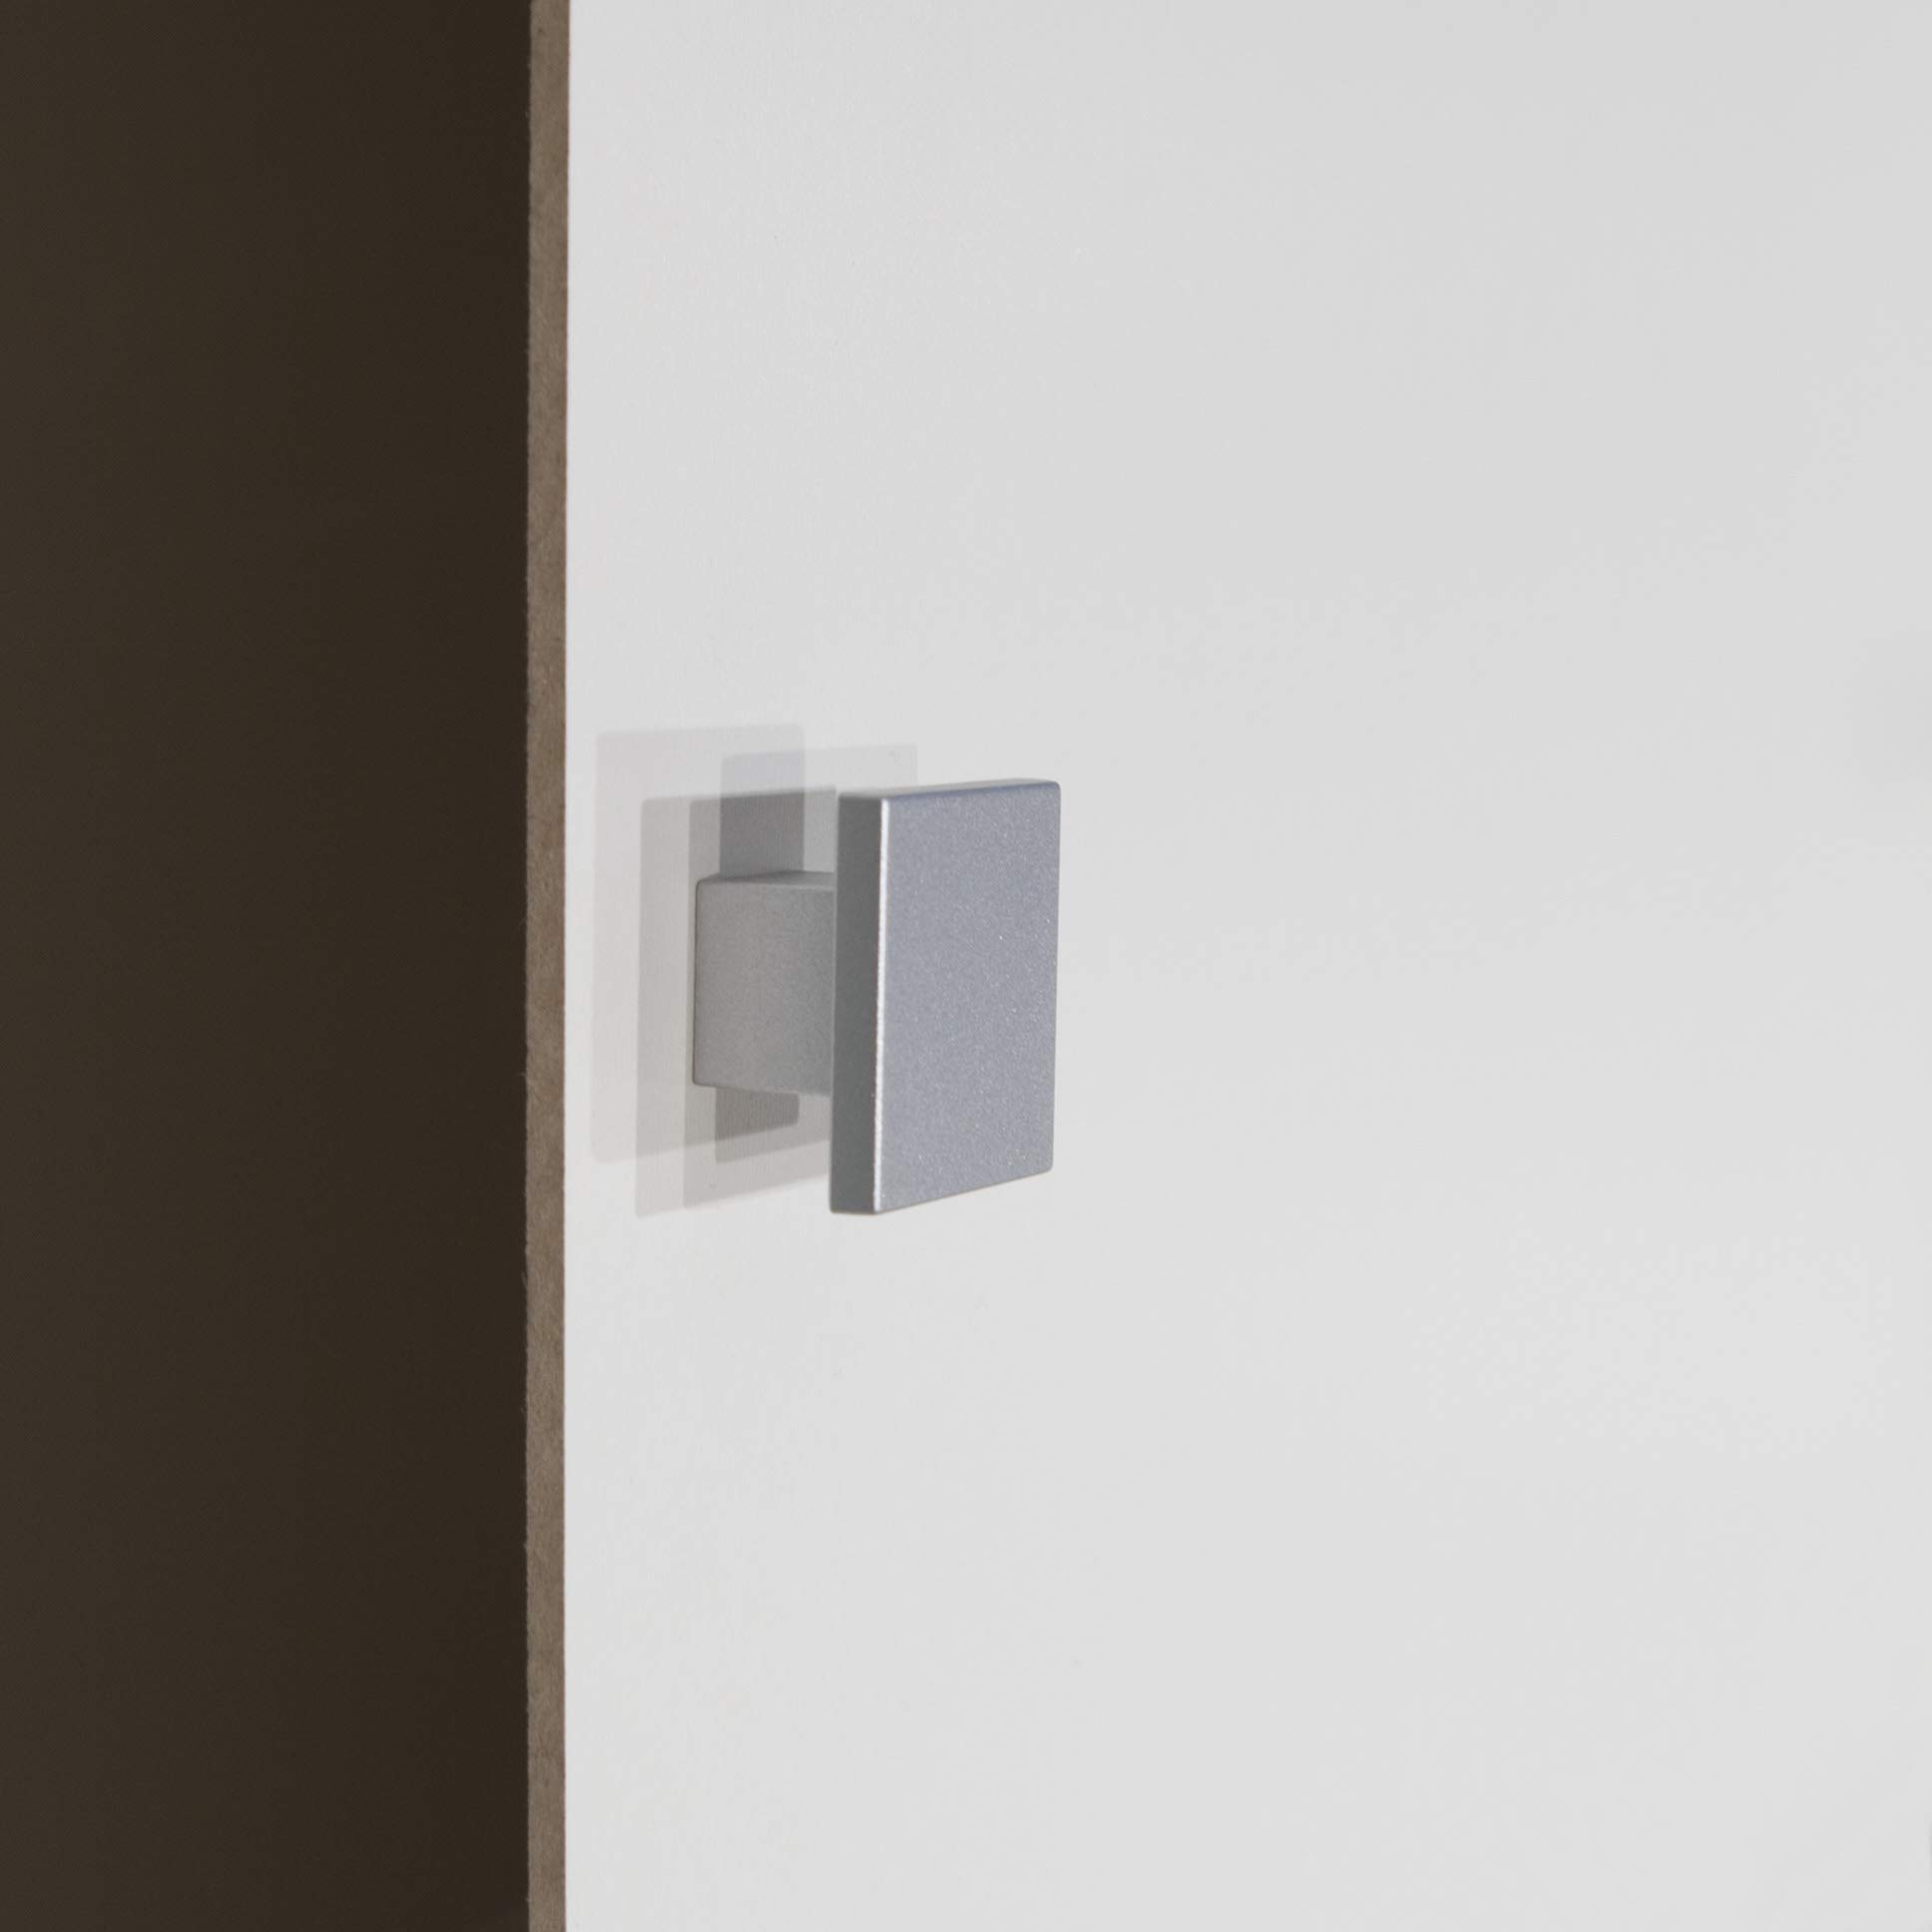 6091A7321M17 - Mueble para la lavadora, color blanco y gris: Amazon.es: Hogar